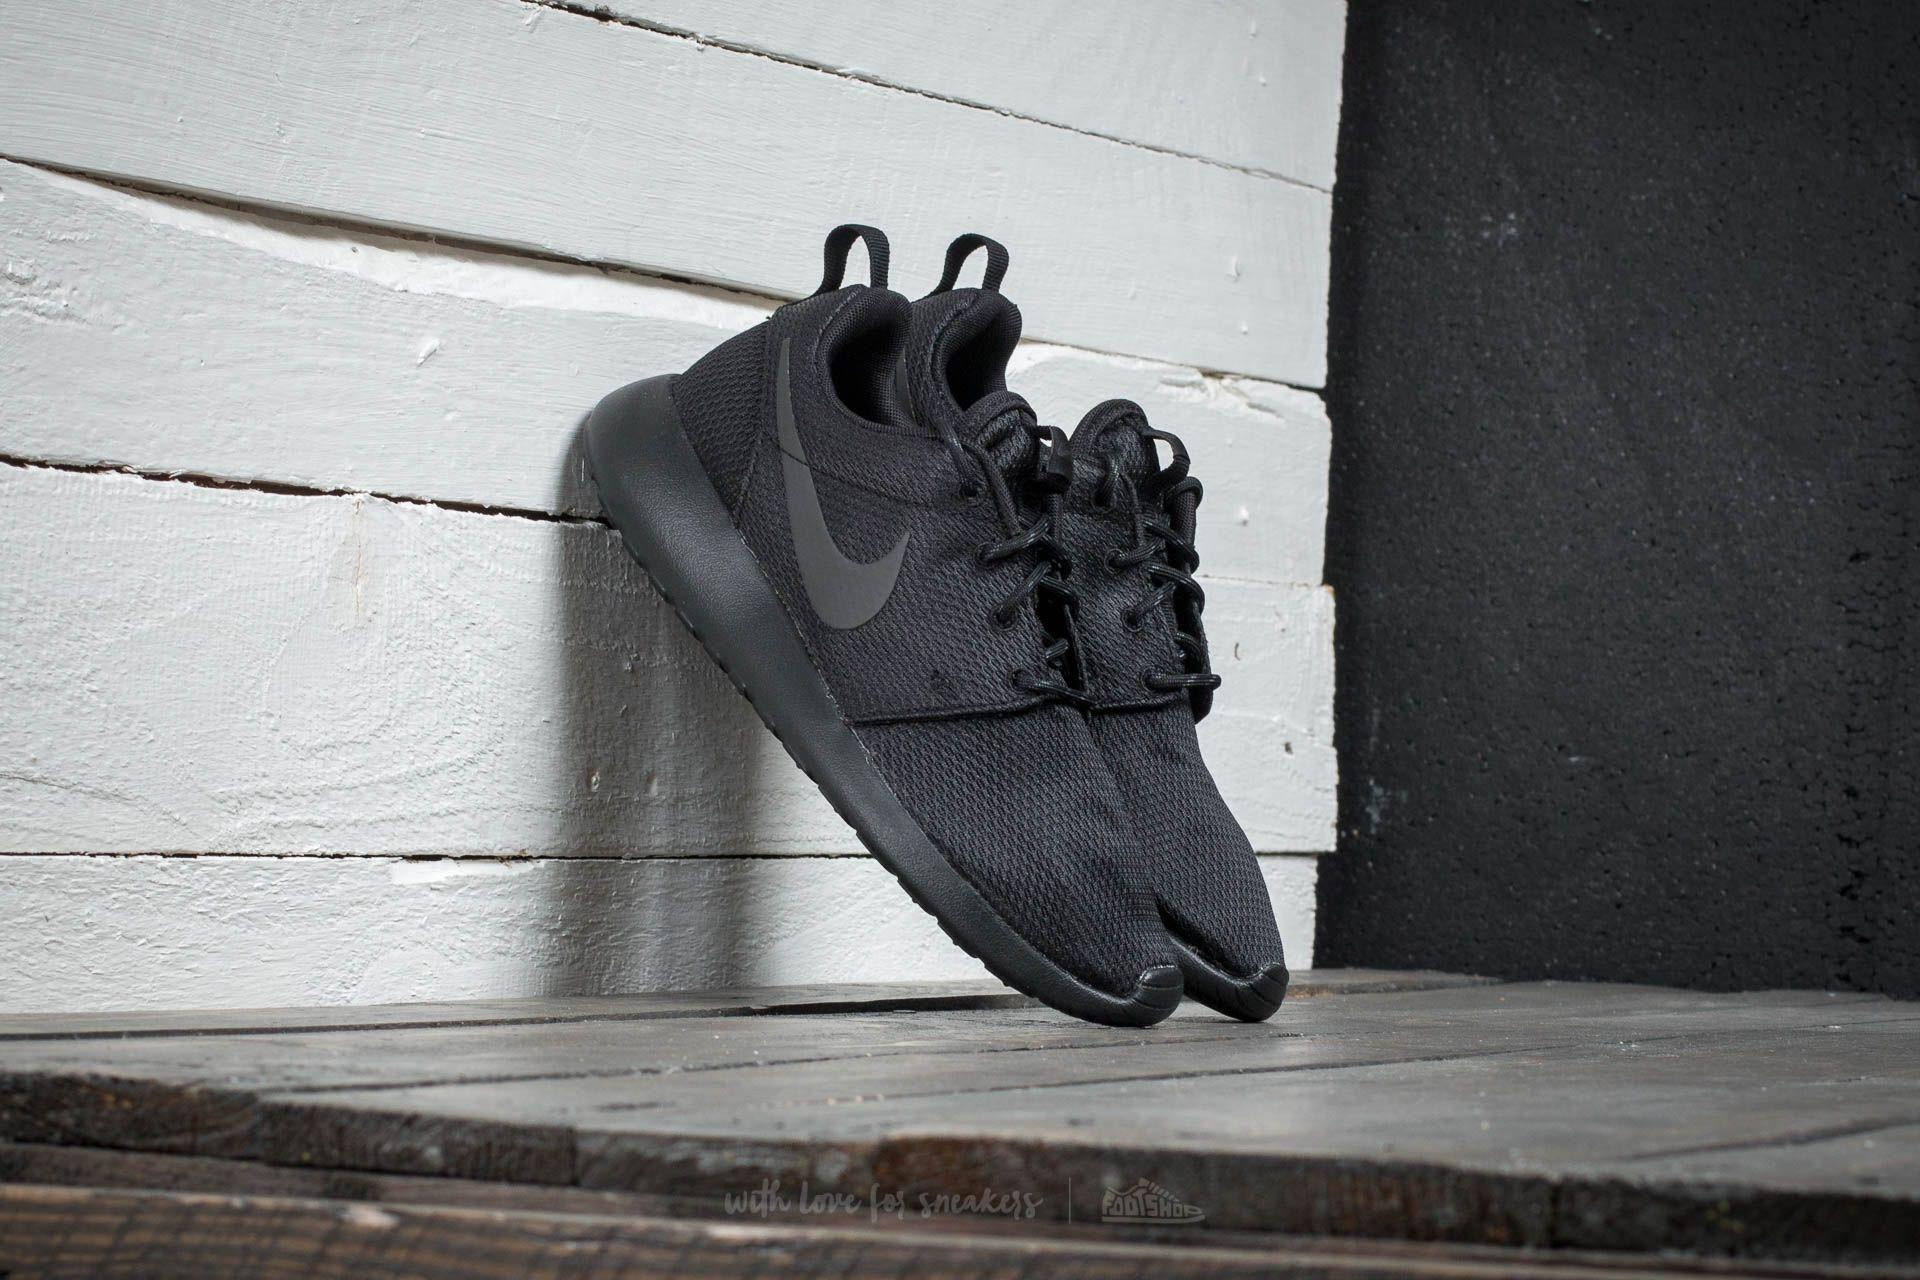 Nike Wmns Roshe One Black/ Black- Anthracite